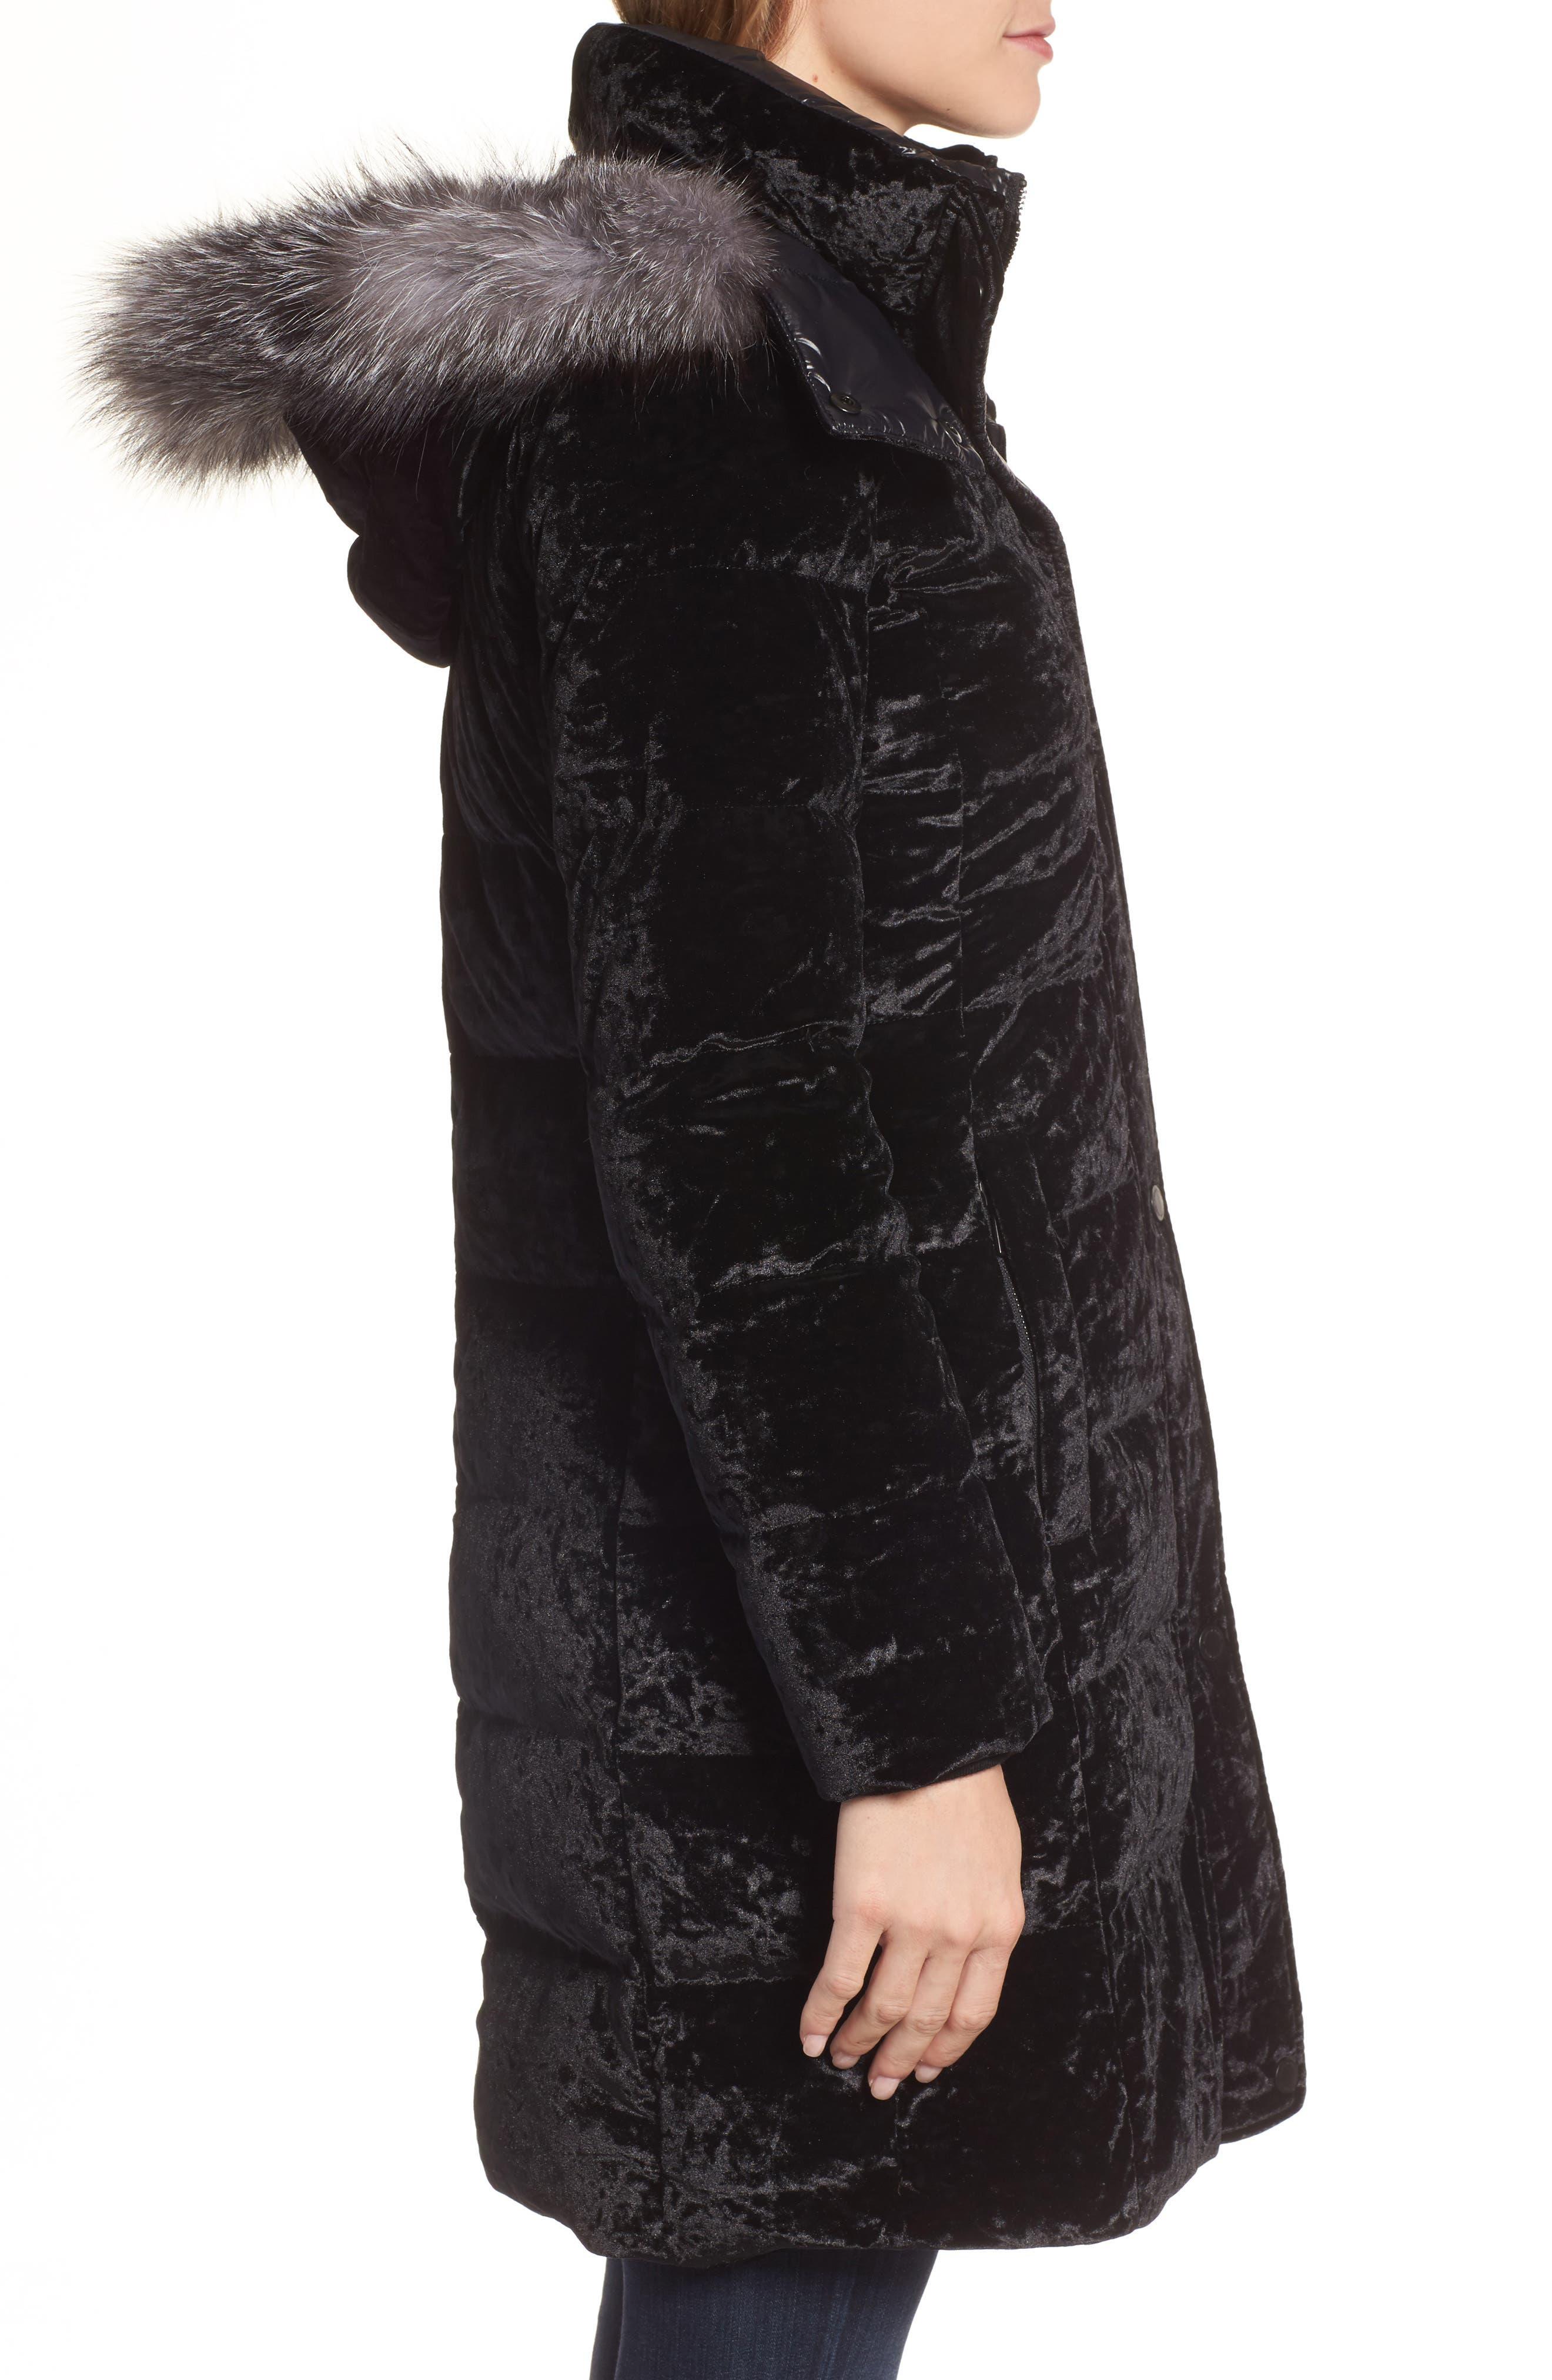 Velvet Down Jacket with Genuine Fox Fur,                             Alternate thumbnail 3, color,                             Black